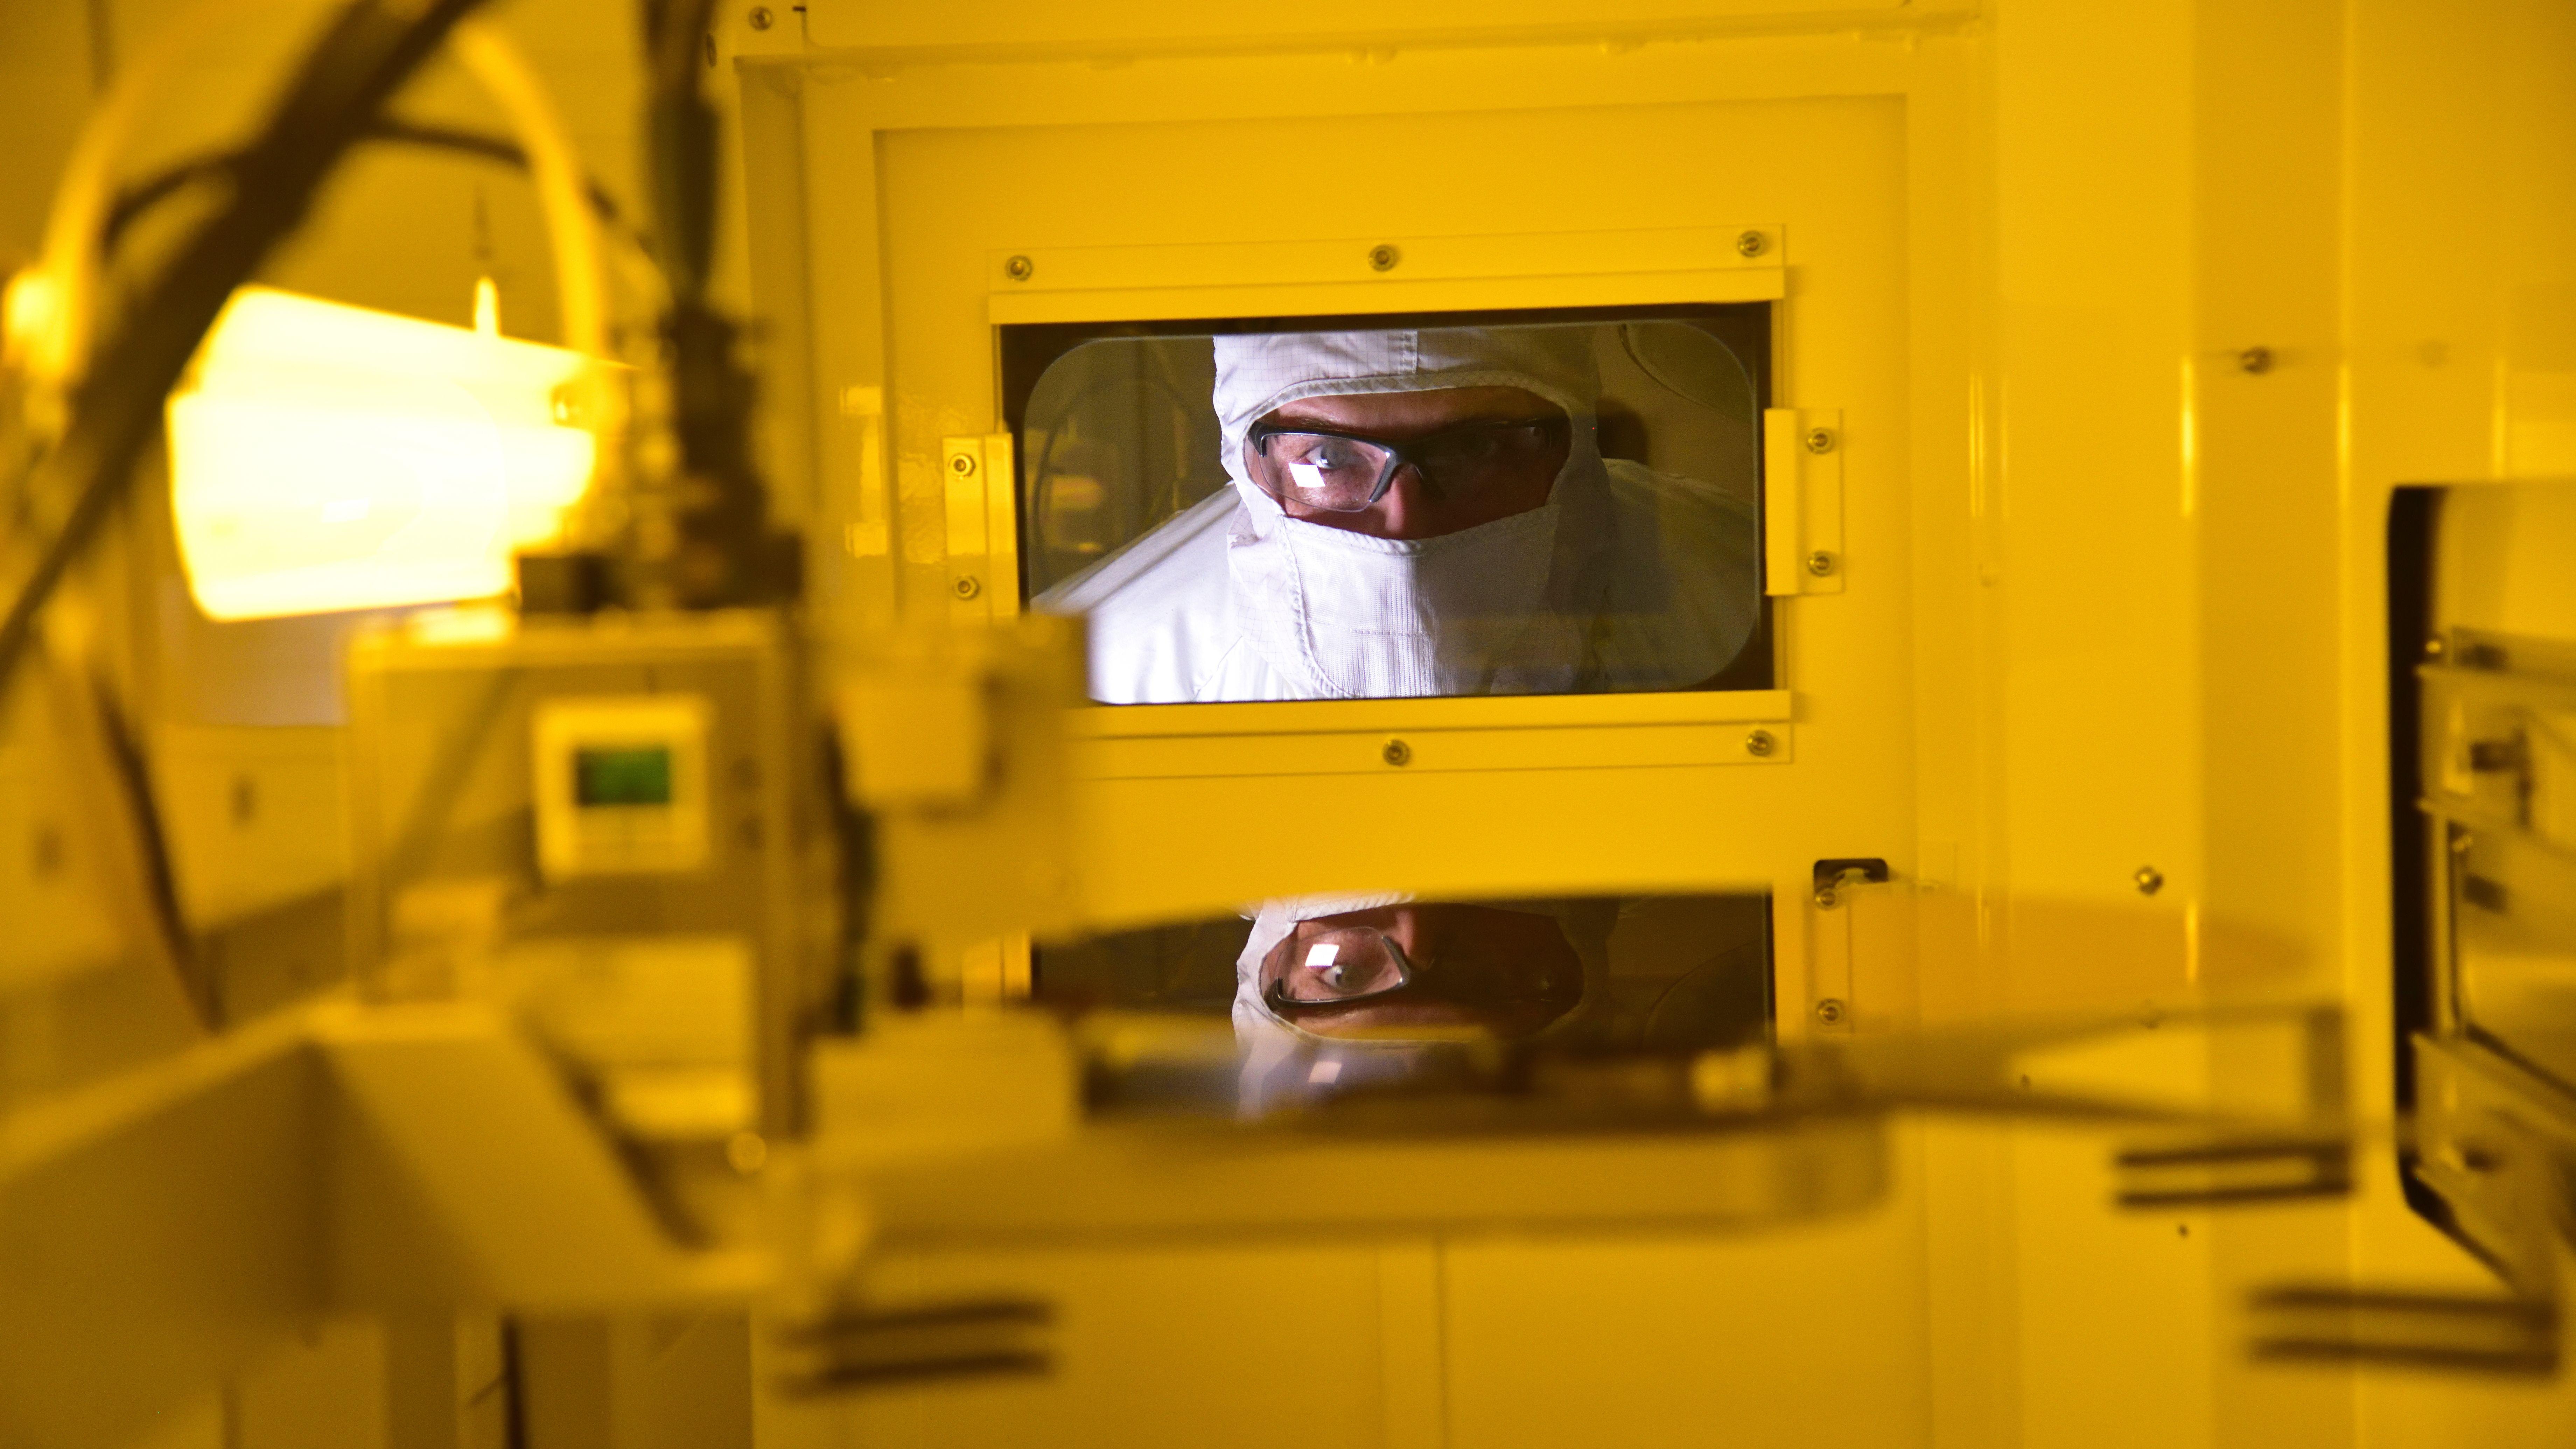 出遅れたインテル、量子チップ製造開始でトップに躍り出る